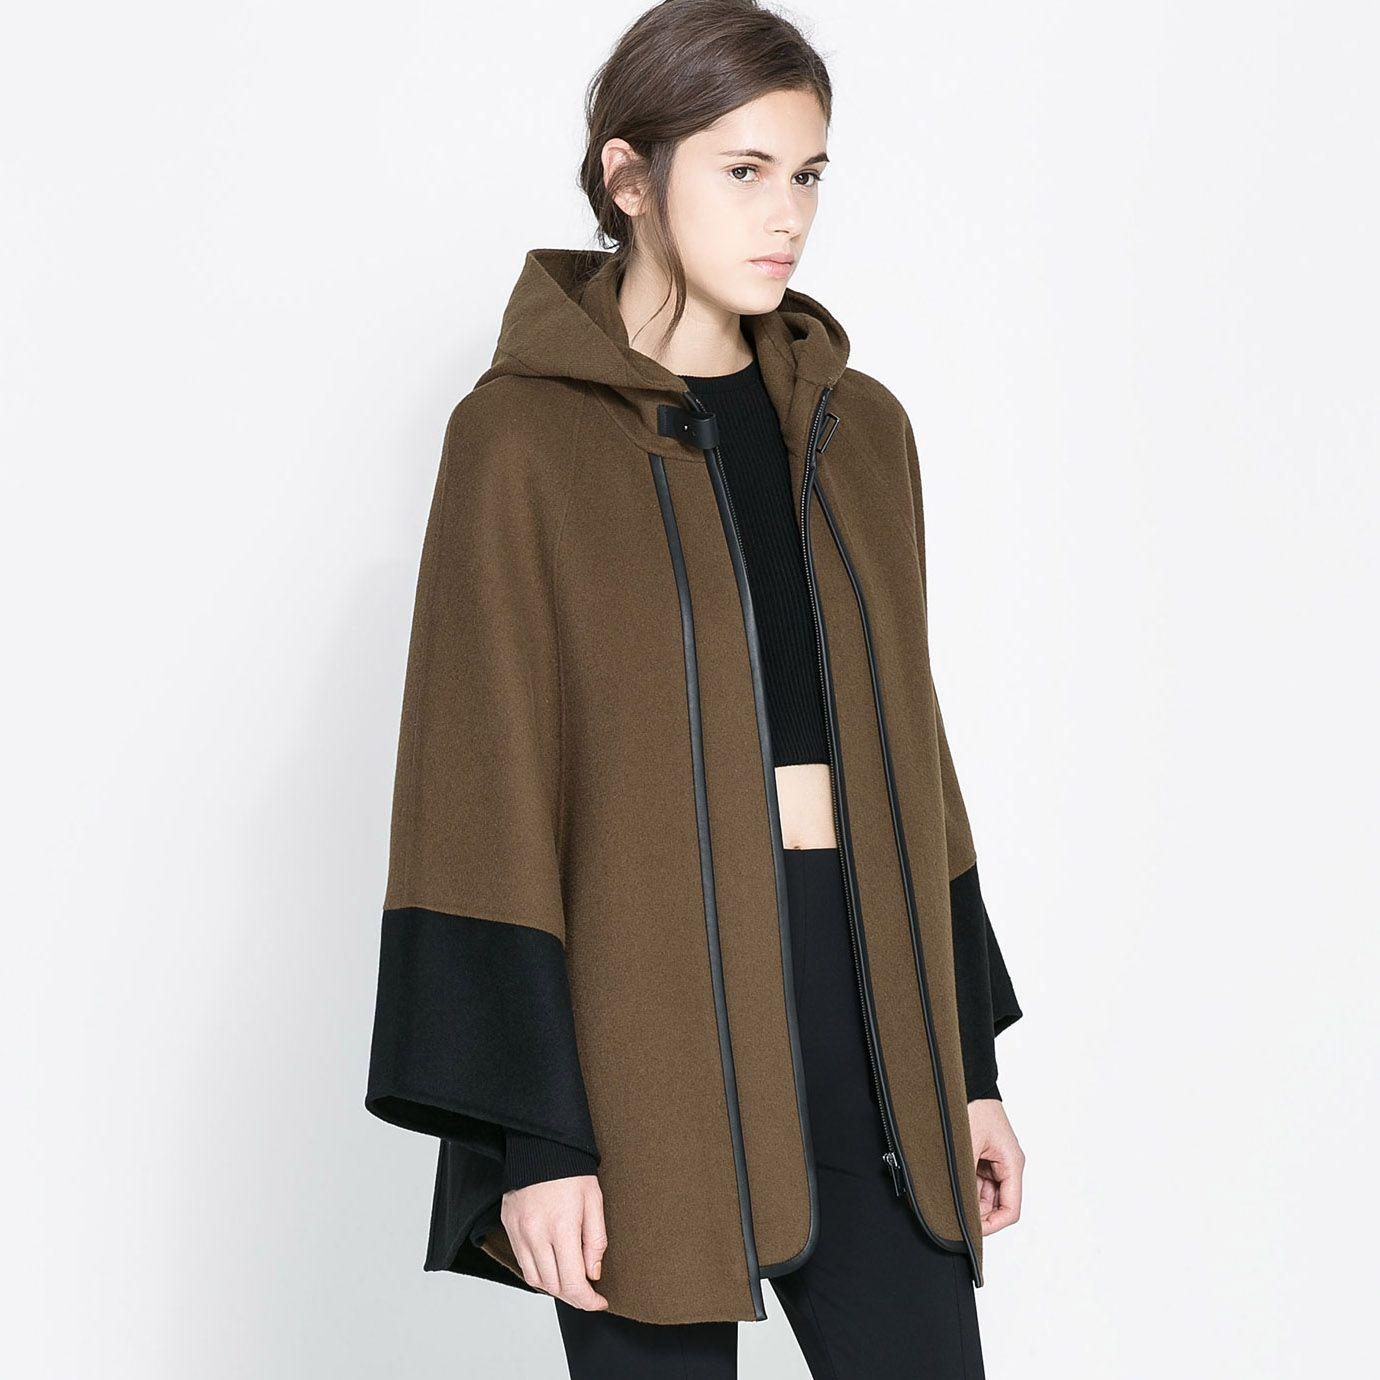 Cheap woolen brown black colorant match cloak leather zipper ...